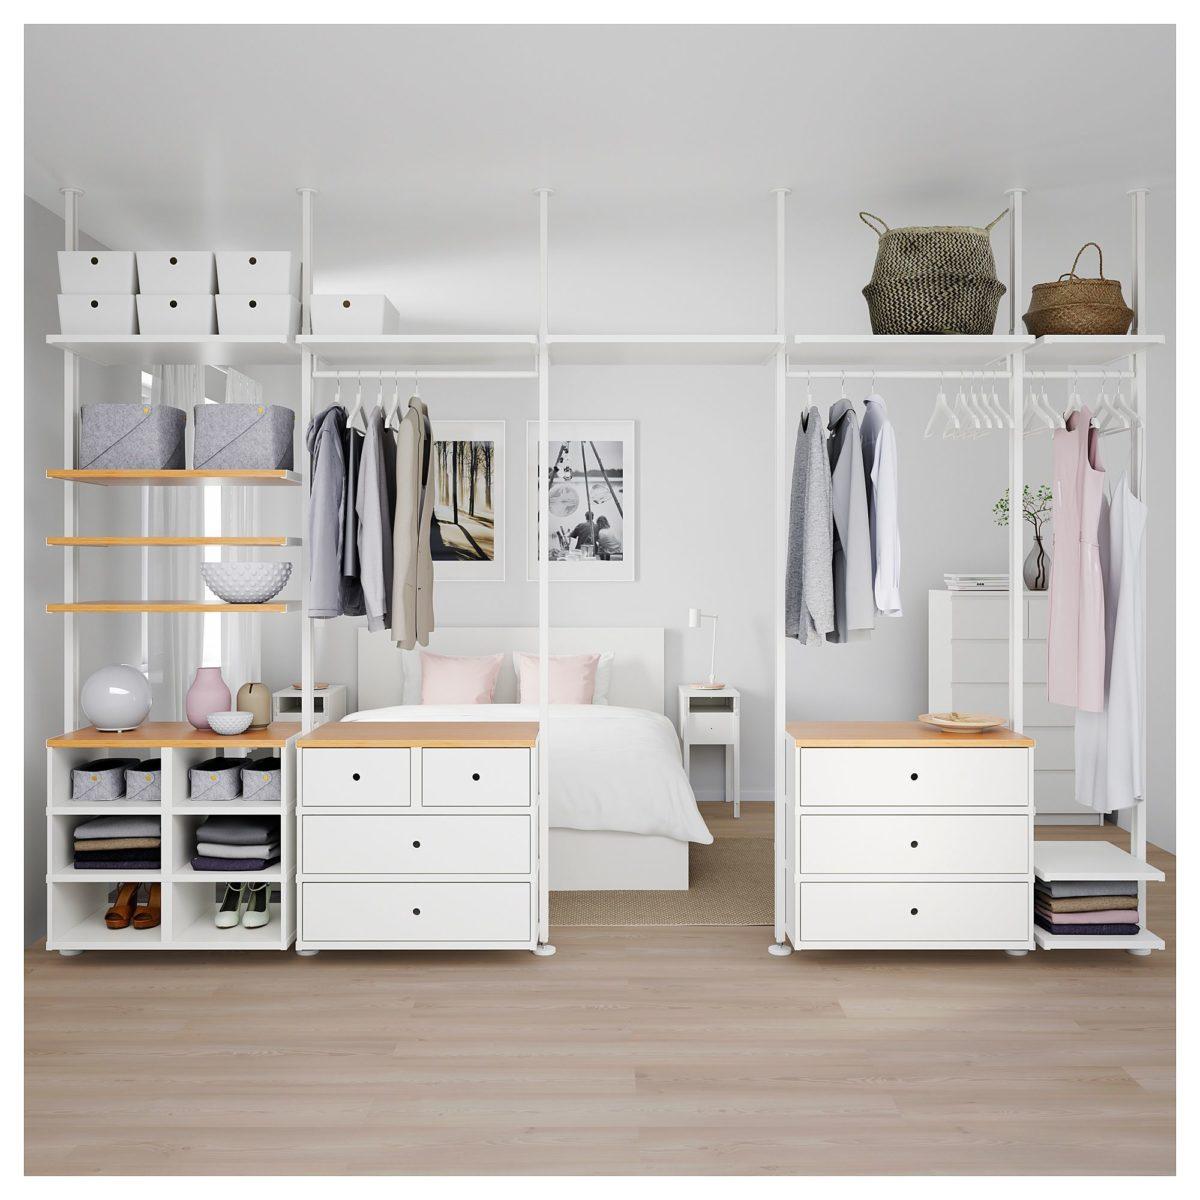 Camere Da Letto Con Armadio A Ponte Ikea.Catalogo Camere Da Letto Ikea 2019